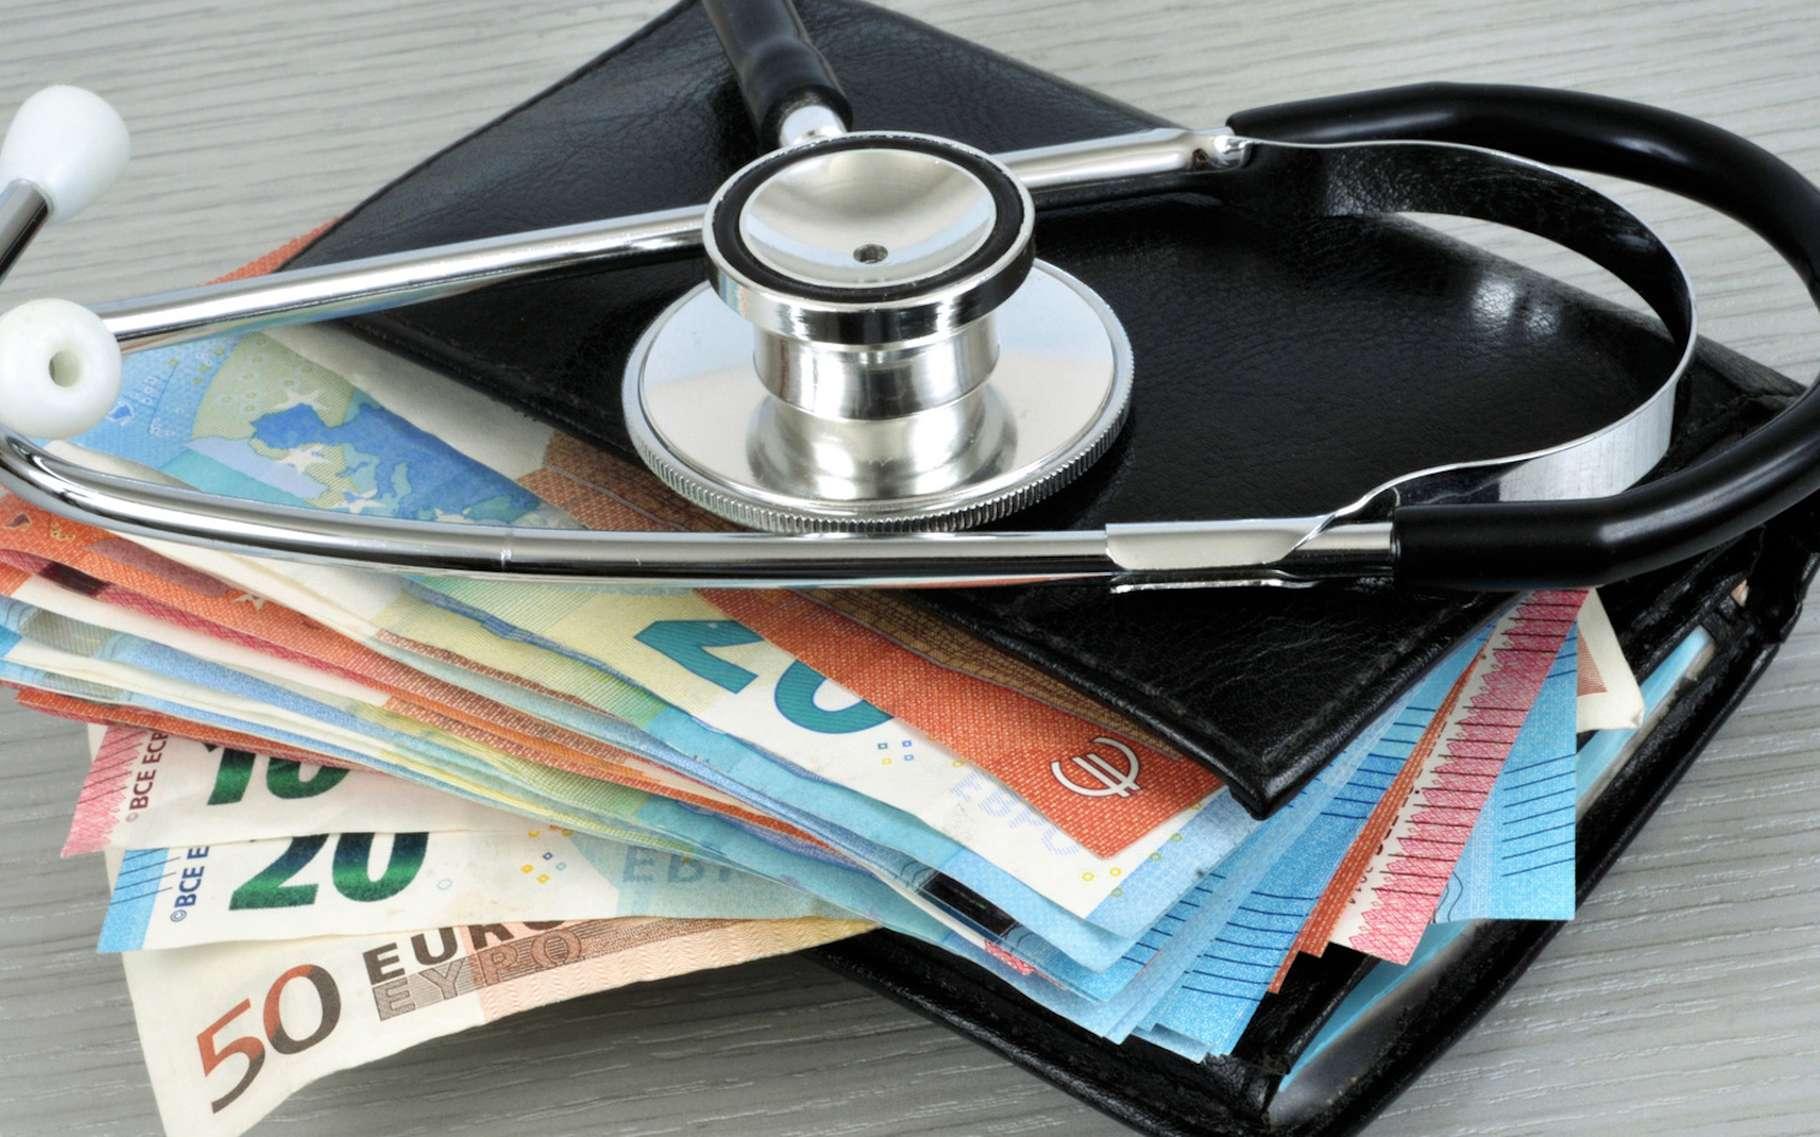 La santé a un prix et pour ceux qui peinent à s'offrir une mutuelle santé, une Aide au paiement d'une complémentaire santé peut-être demandée. © Richard Villalon, Fotolia